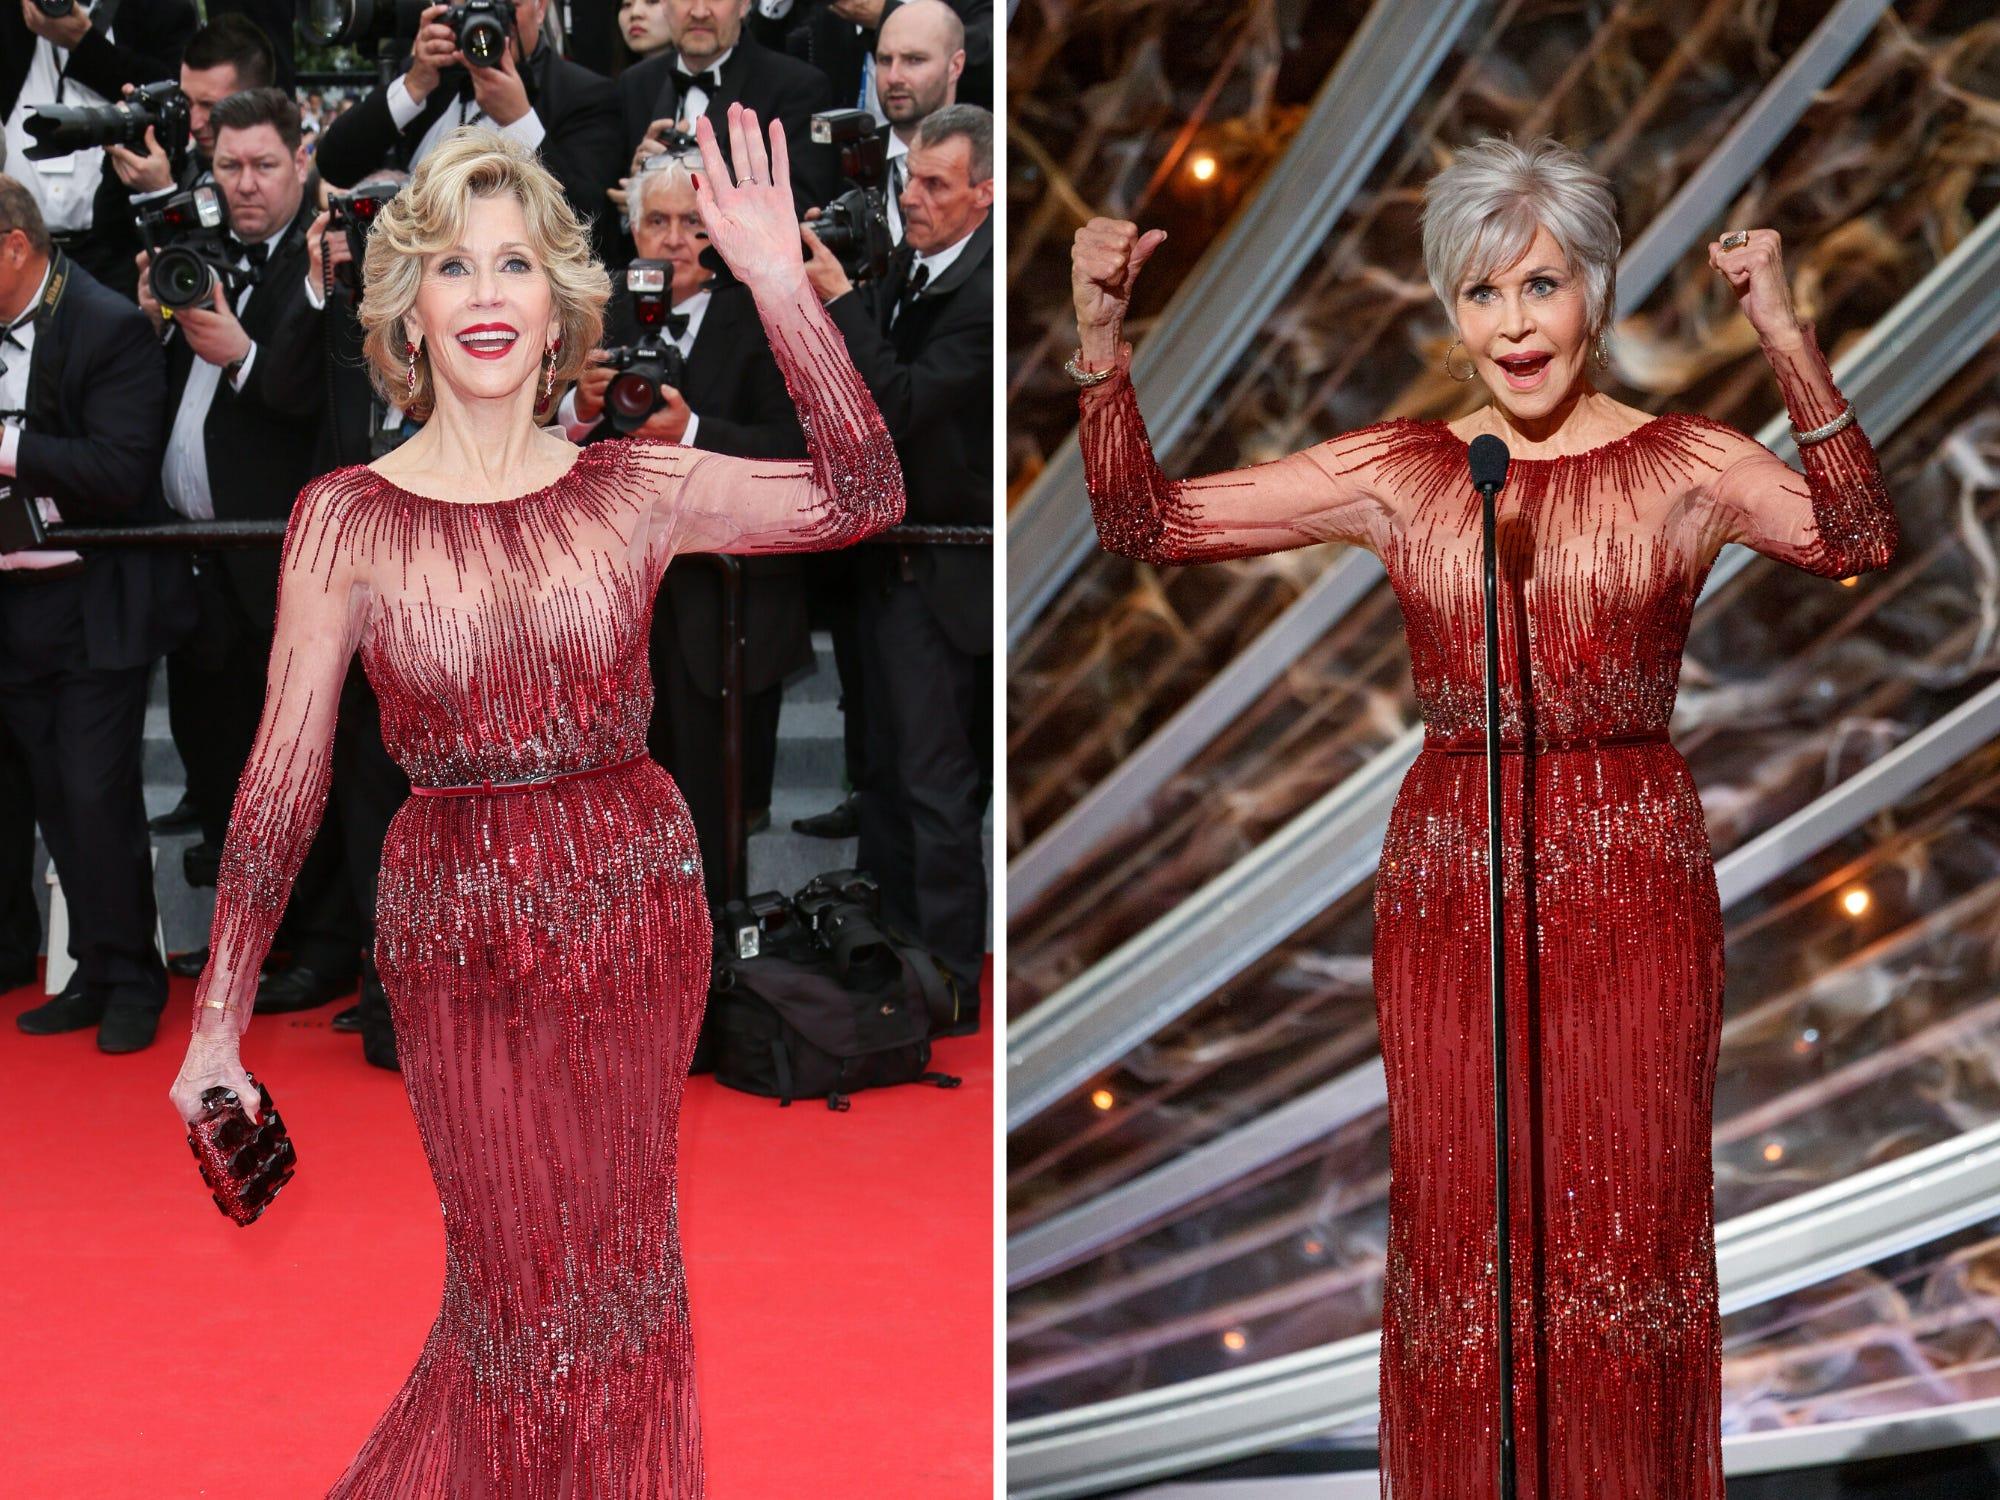 Джейн Фонда през 2014-та по време на фестивала в Кан; през 2020-та на наградите Оскар.